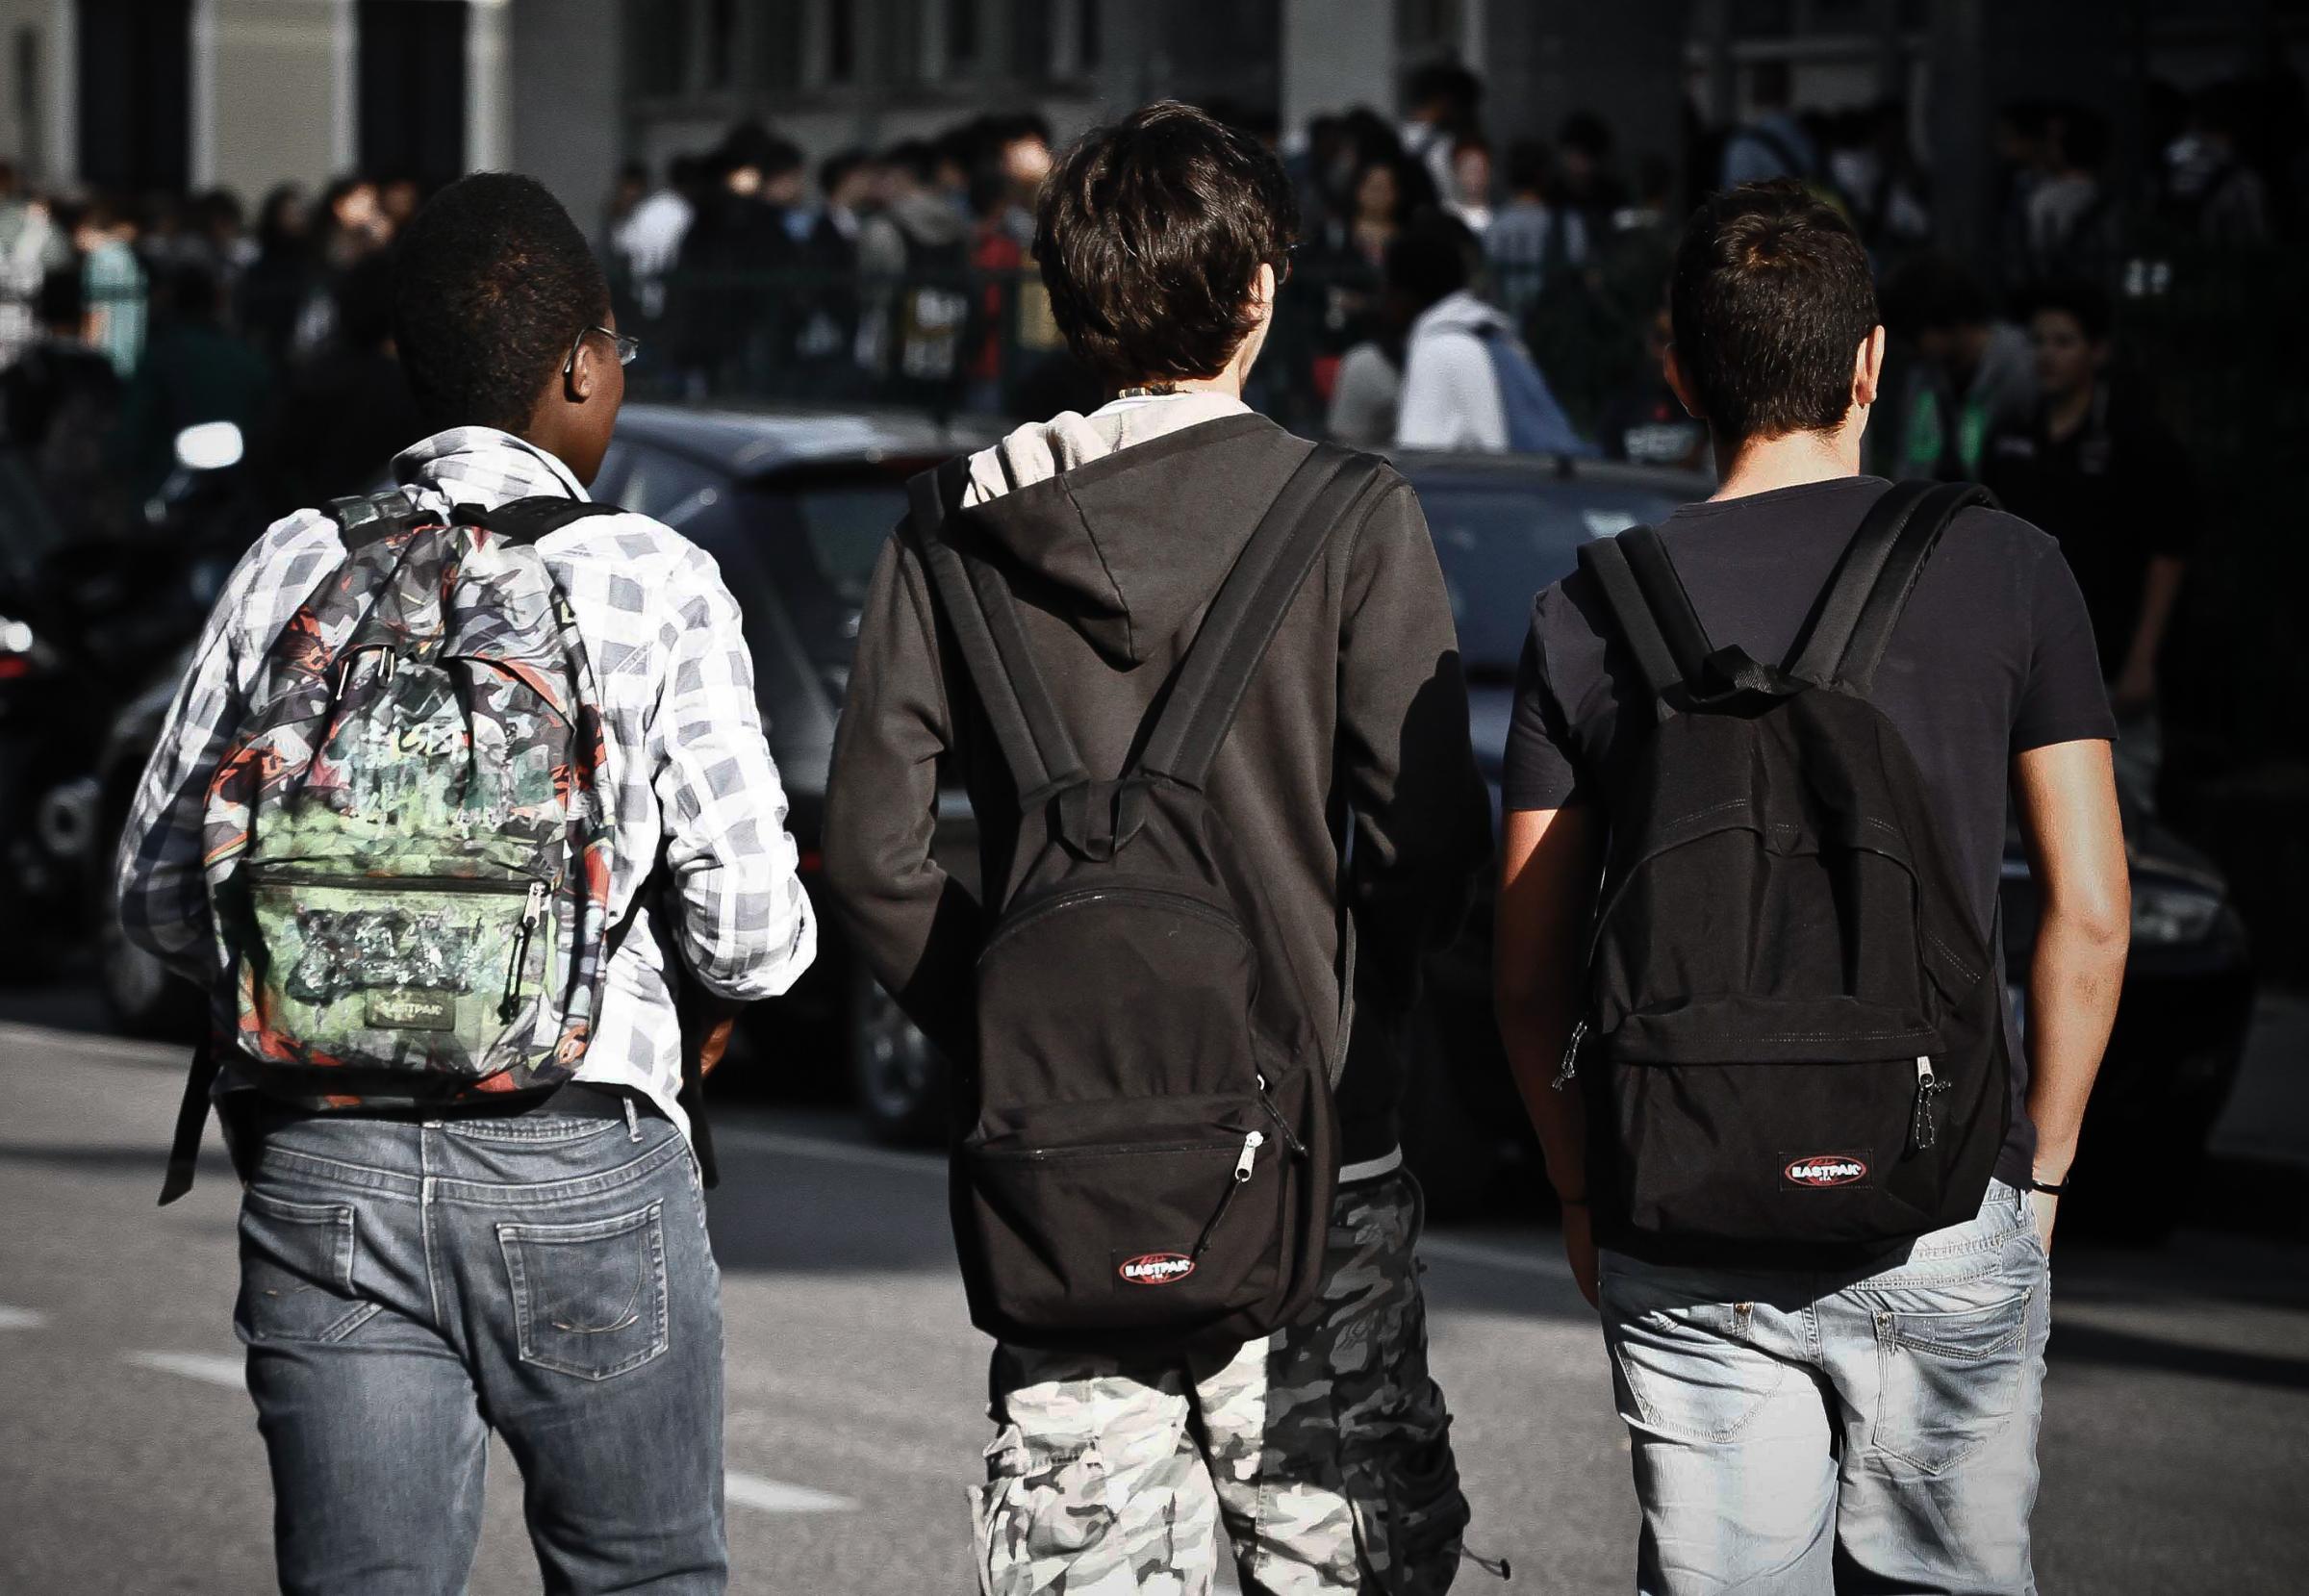 Studenti stranieri in aule separate: l'esperimento provocazione in una scuola di Vercelli